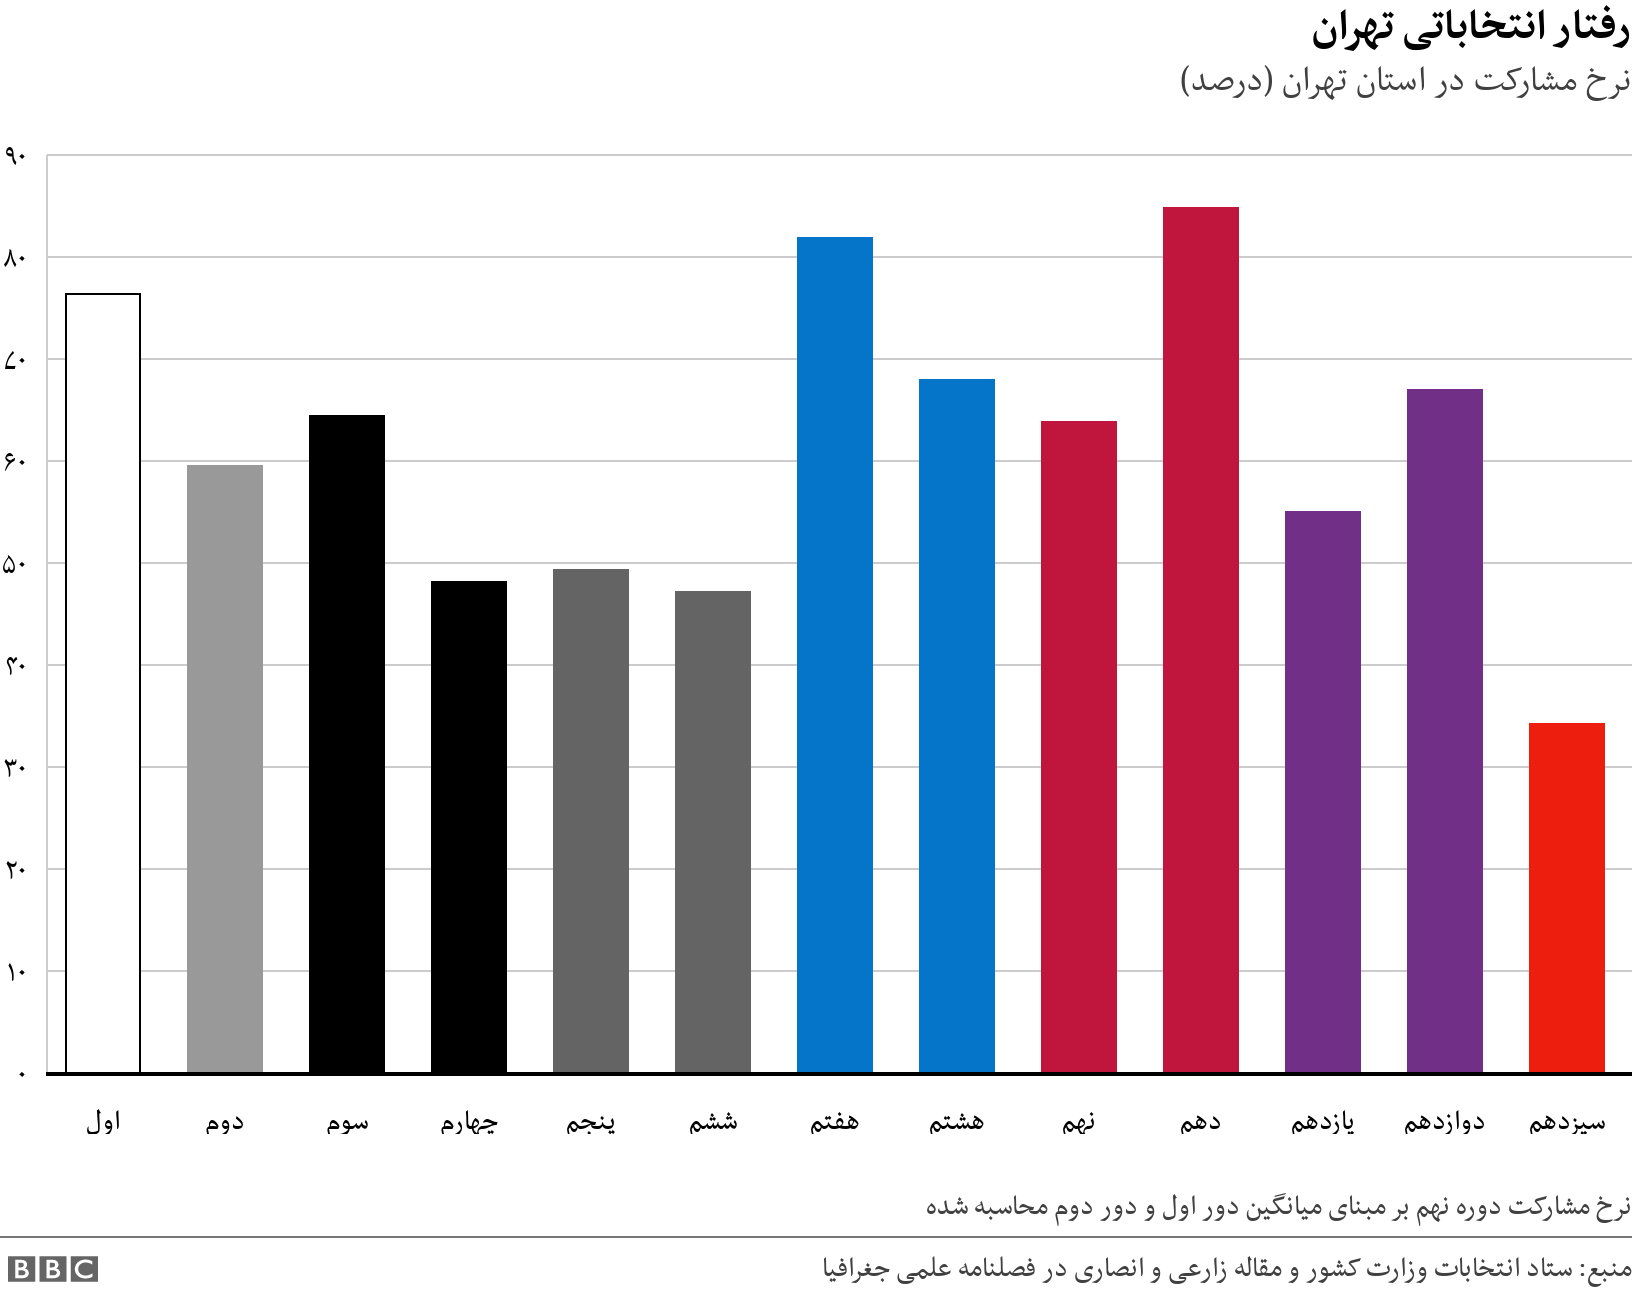 رفتار انتخاباتی تهران. نرخ مشارکت در استان تهران (درصد). نرخ مشارکت دوره نهم بر مبنای میانگین دور اول و دور دوم محاسبه شده.